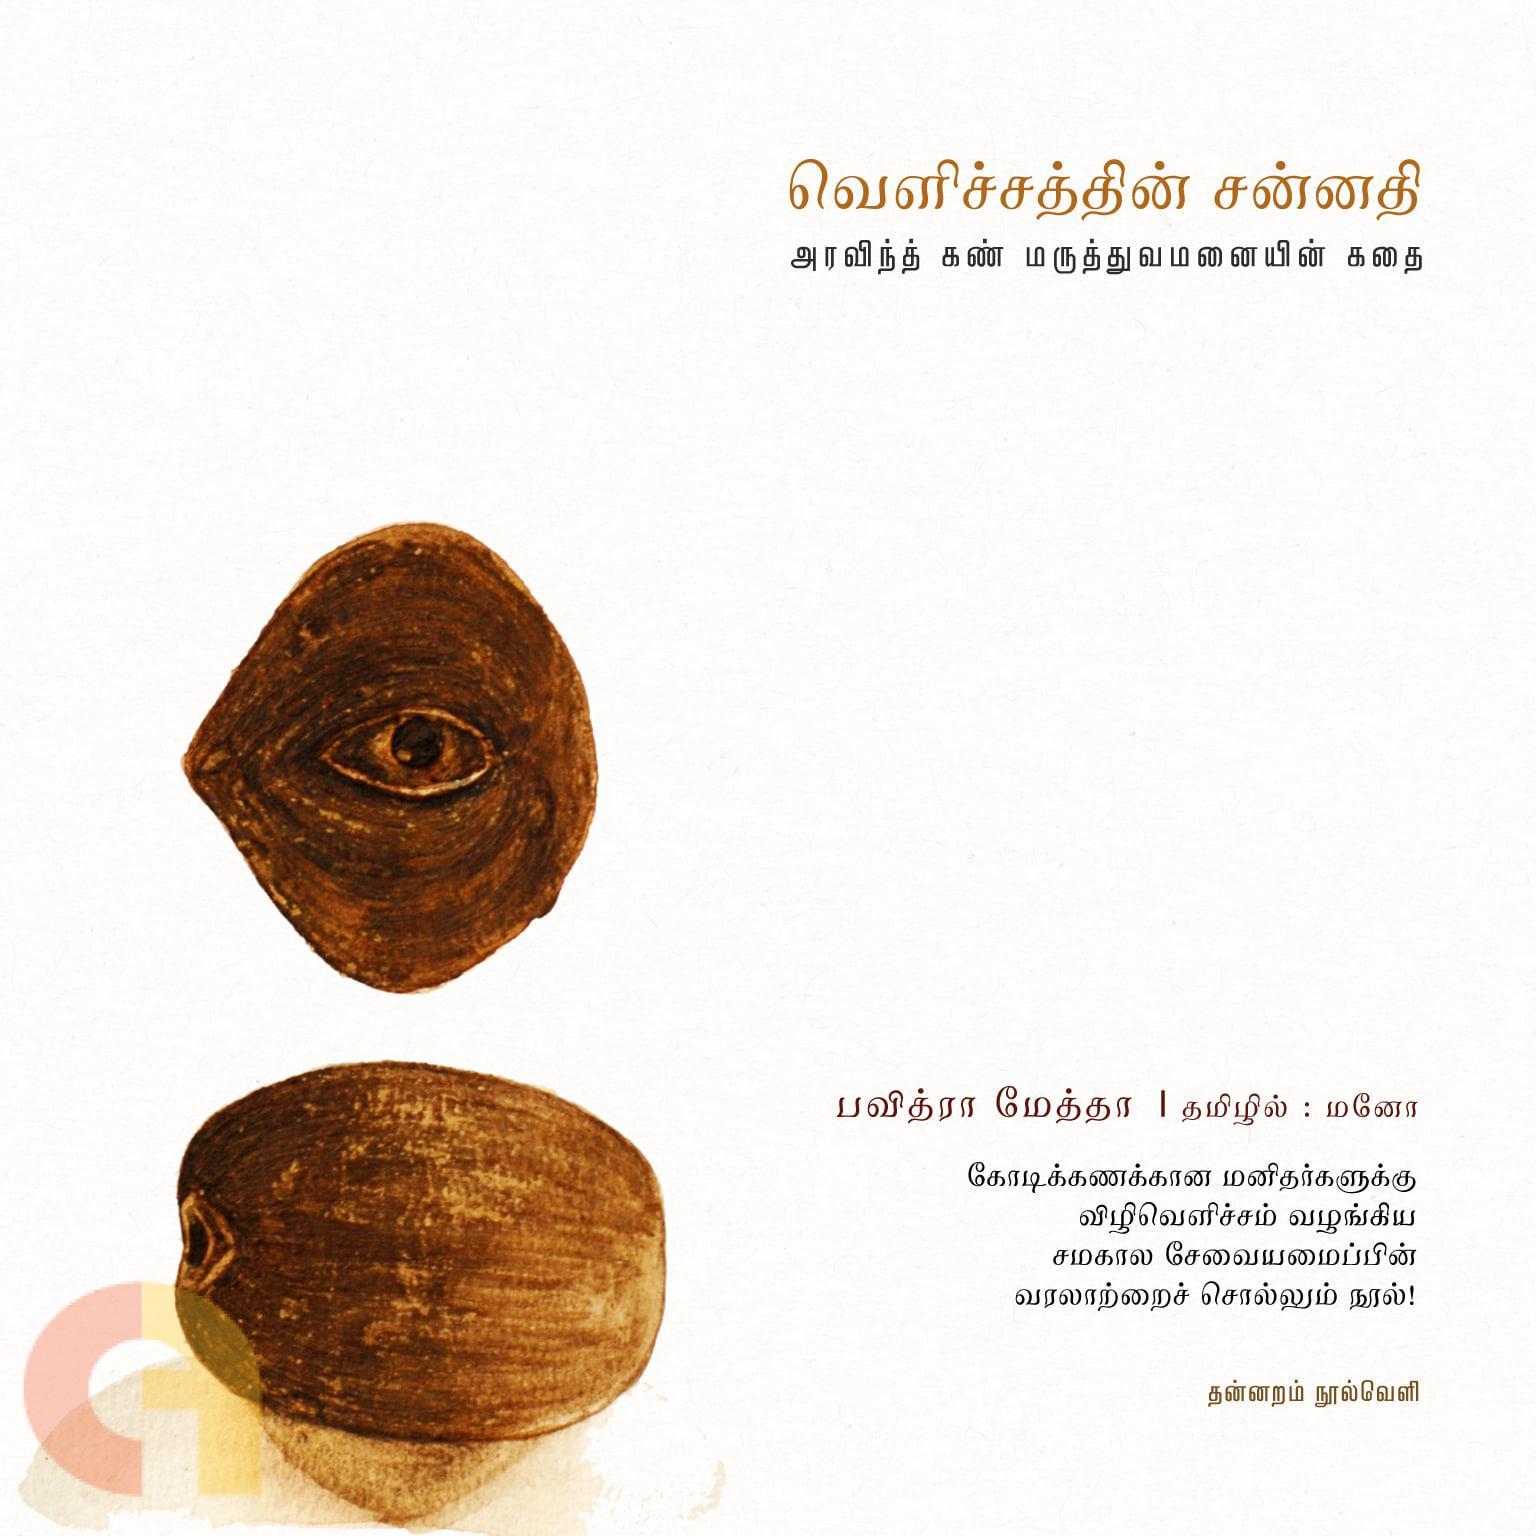 வெளிச்சத்தின் சன்னதி: அரவிந்த் கண் மருத்துவமனையின் கதை